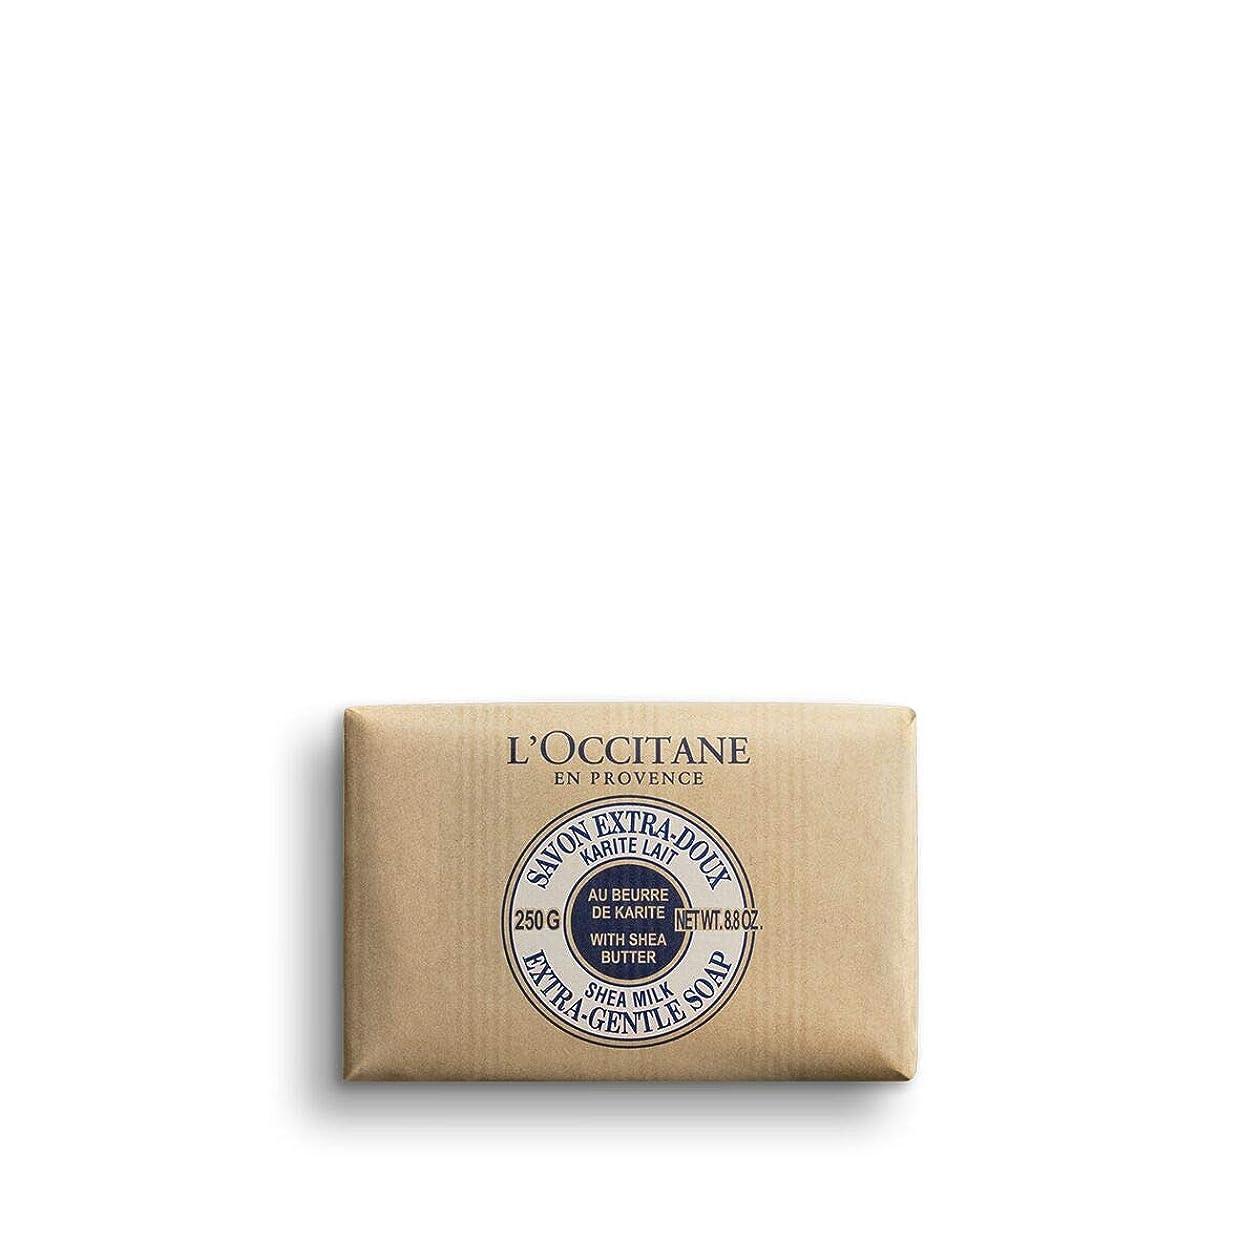 従順謎産地ロクシタン(L'OCCITANE) シアバターソープ 250g ミルク